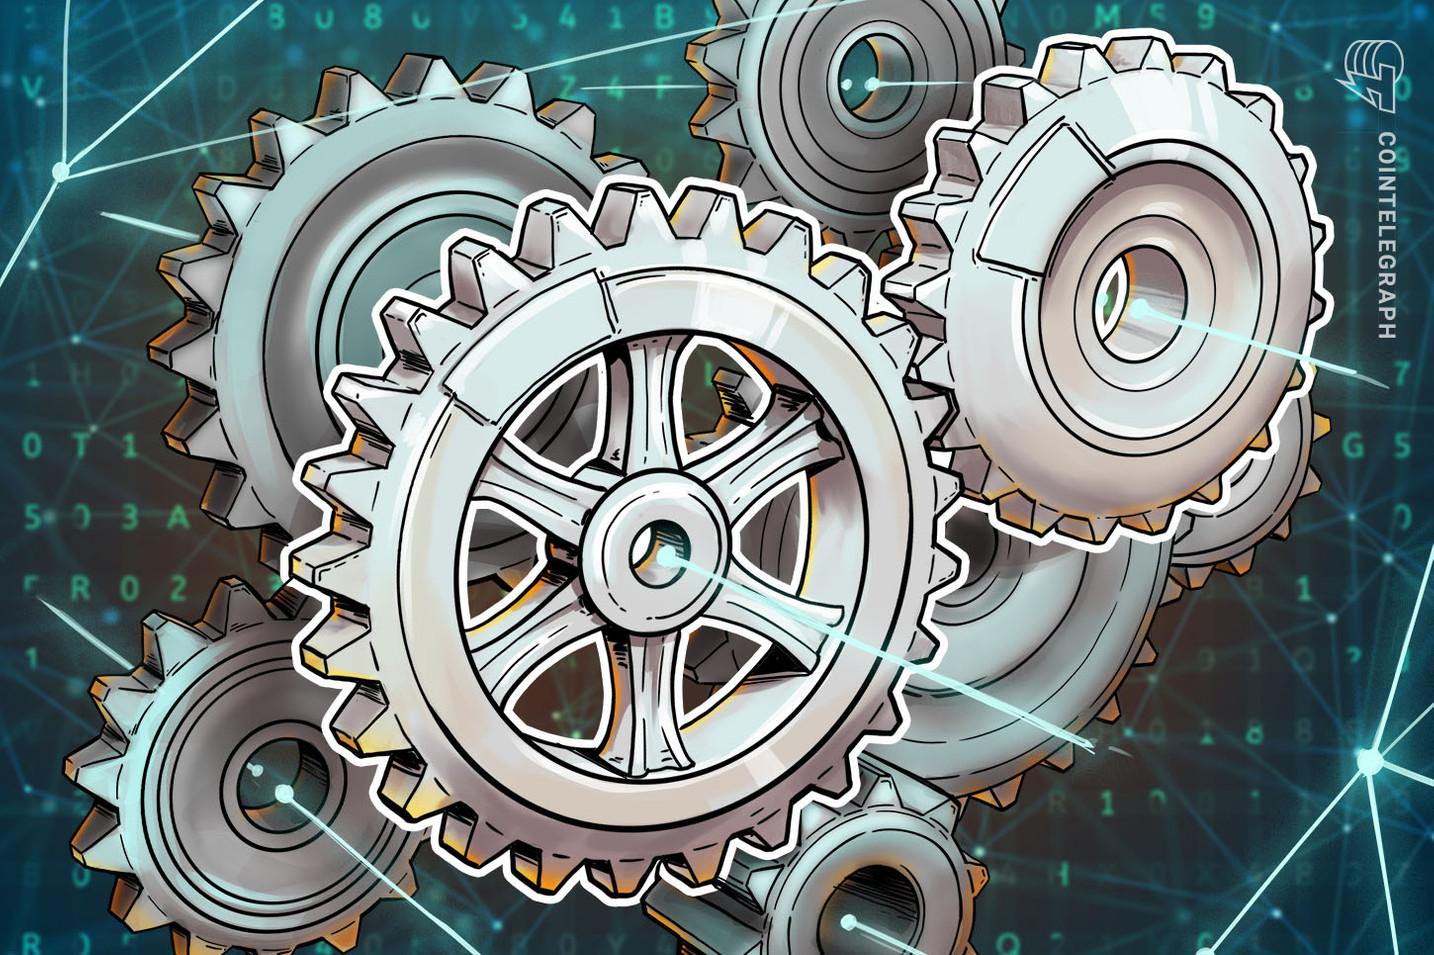 Empresa blockchain, Digital Asset abre código de sua linguagem DAML